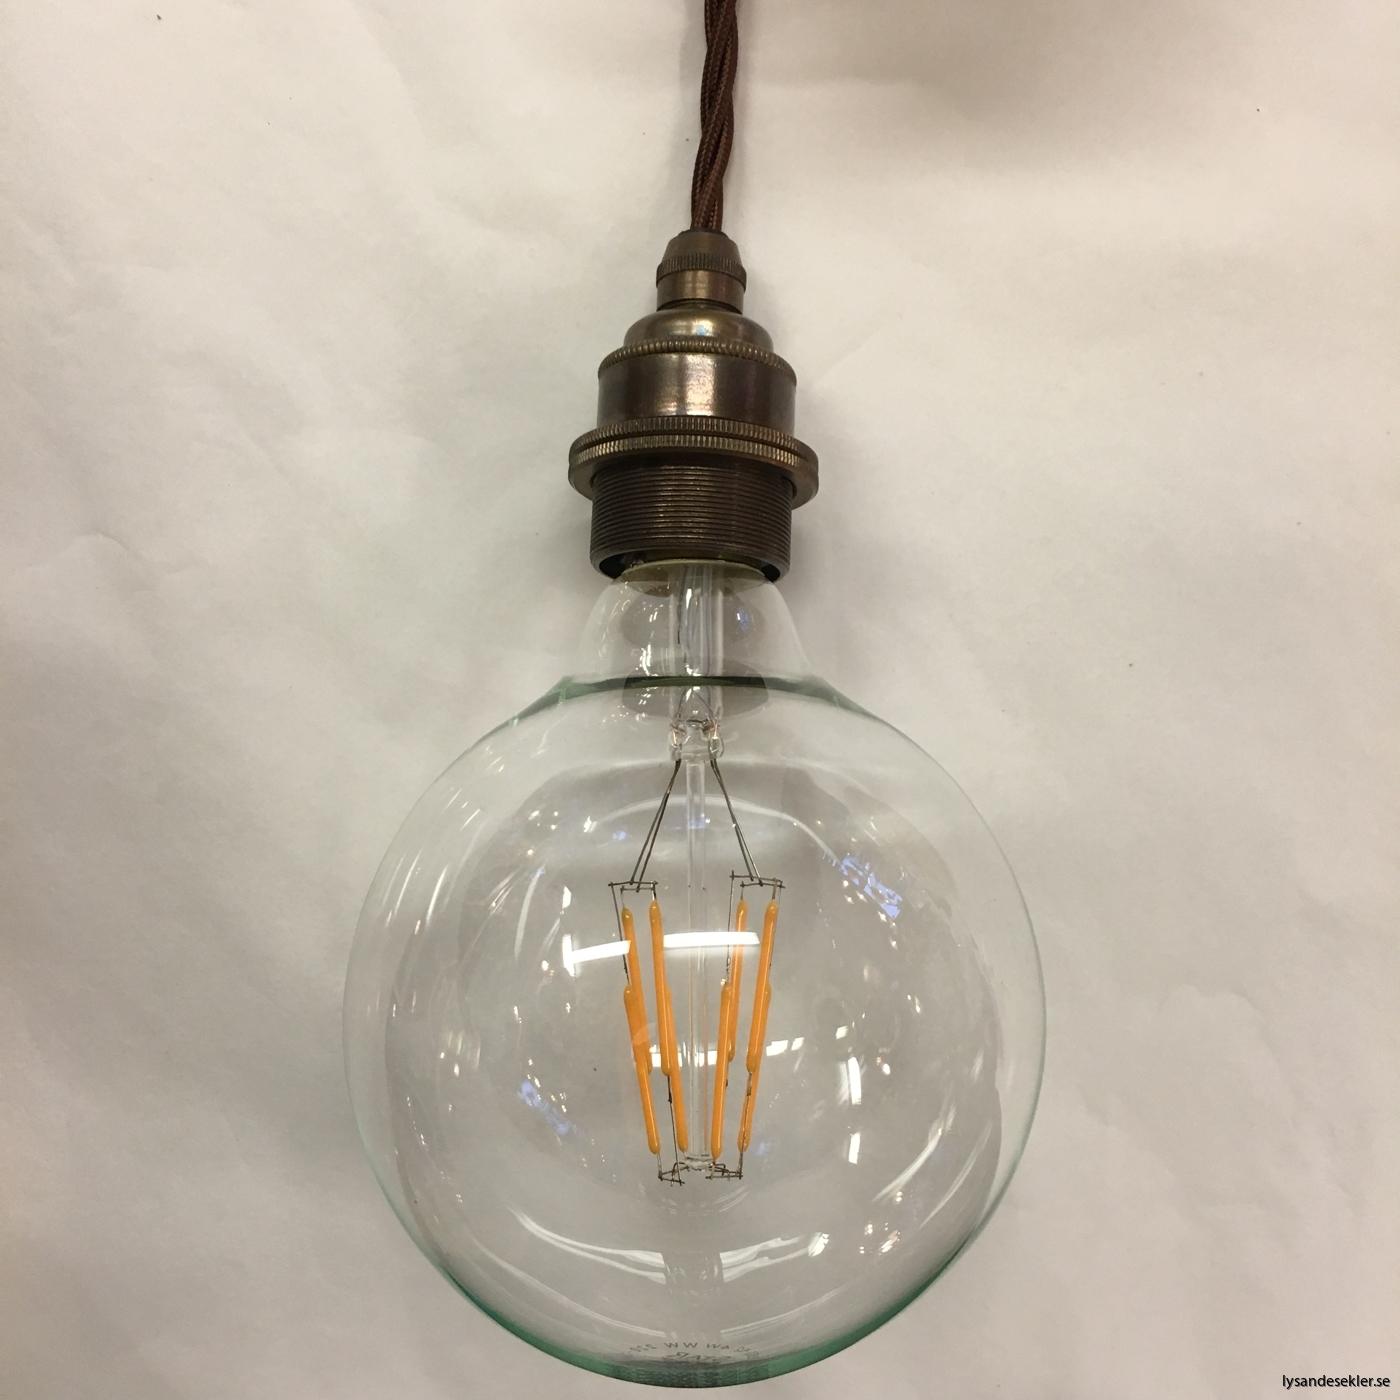 tygsladd textilssladd lampupphäng med 2 ringar utan skruvar för skärm eller glödlampa (41)